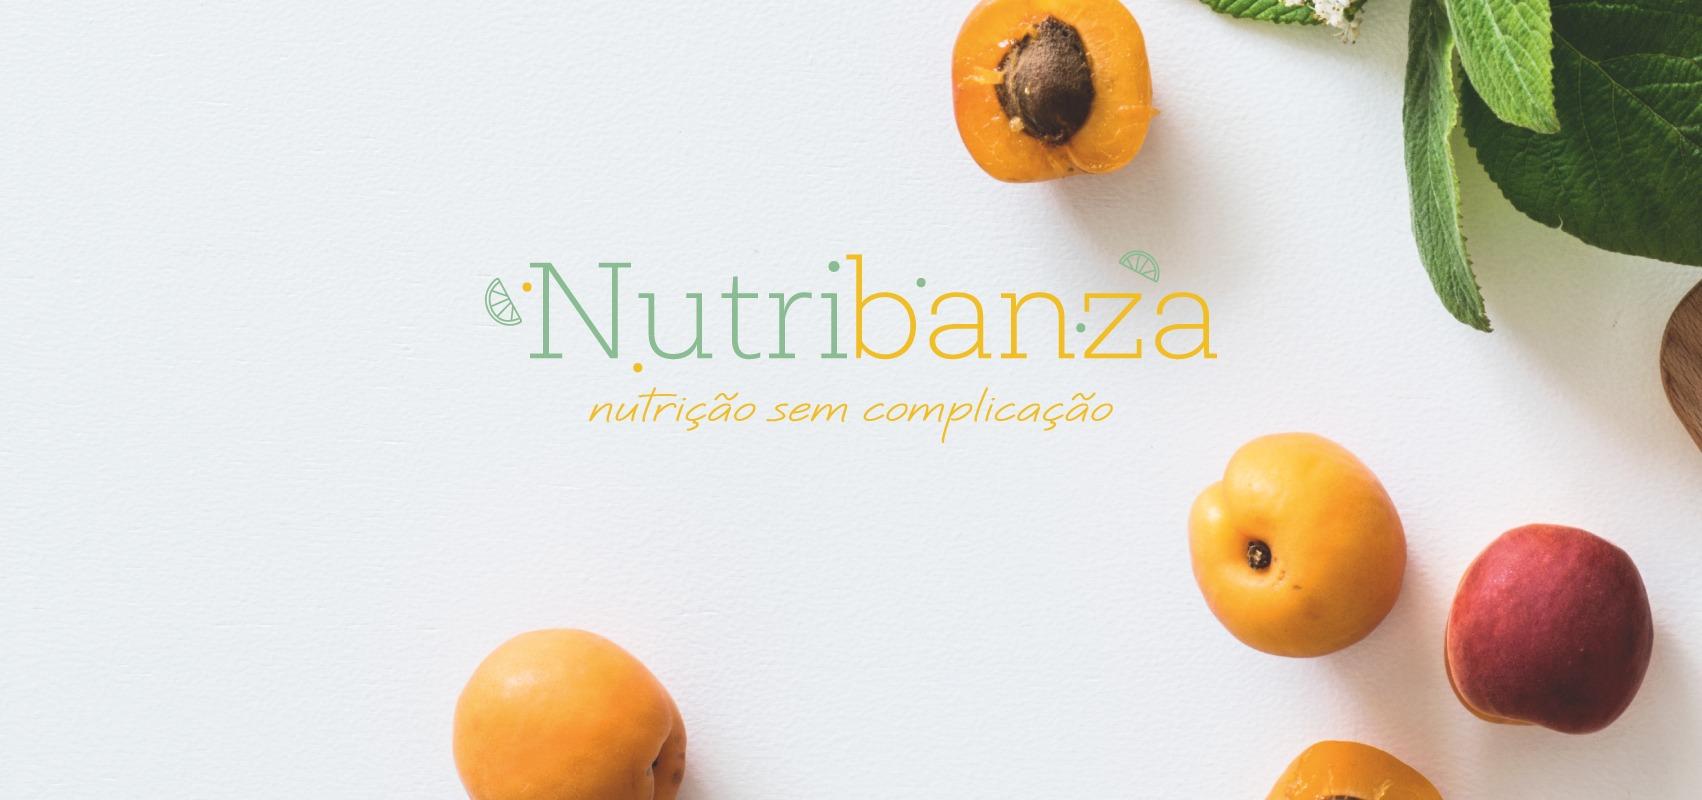 Facebook-Nutribanza-cover1